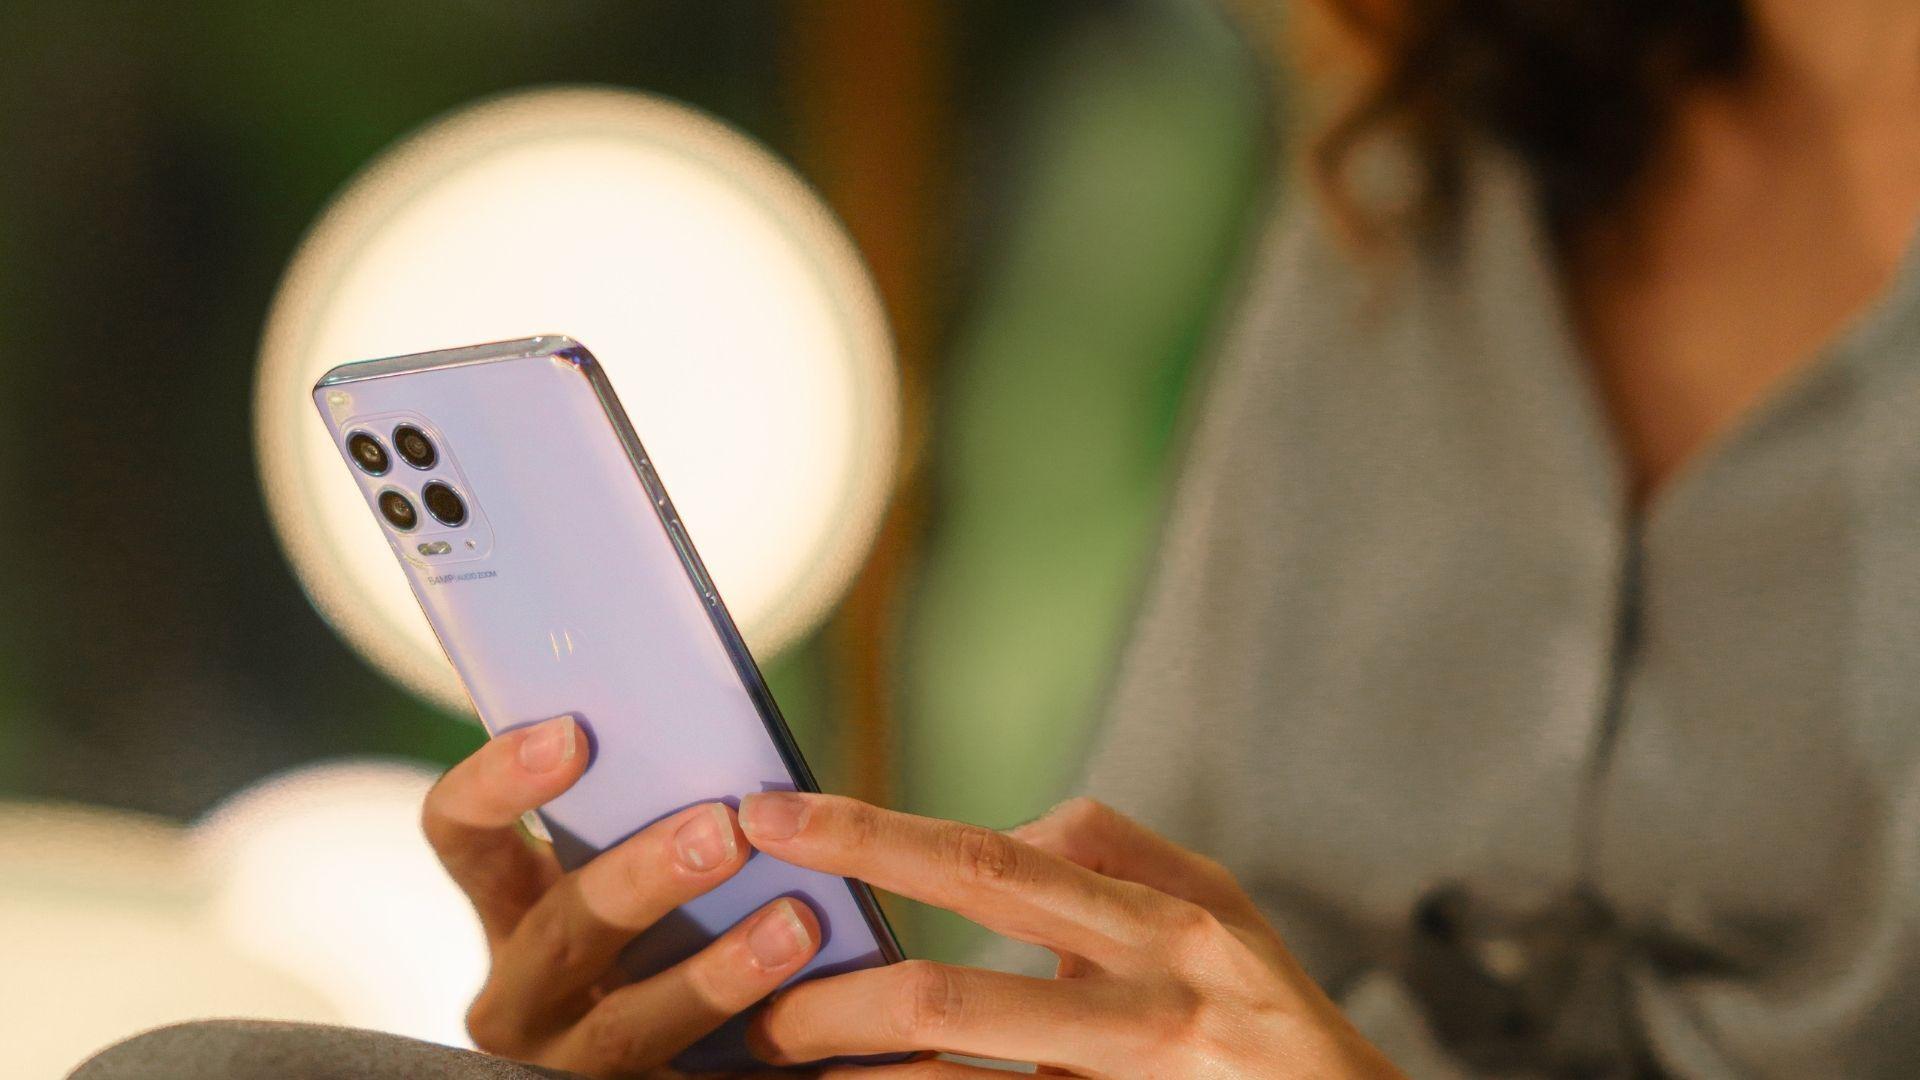 O Moto G100 tem processador potente com suporte às redes 5G. (Foto: Divulgação/Motorola)